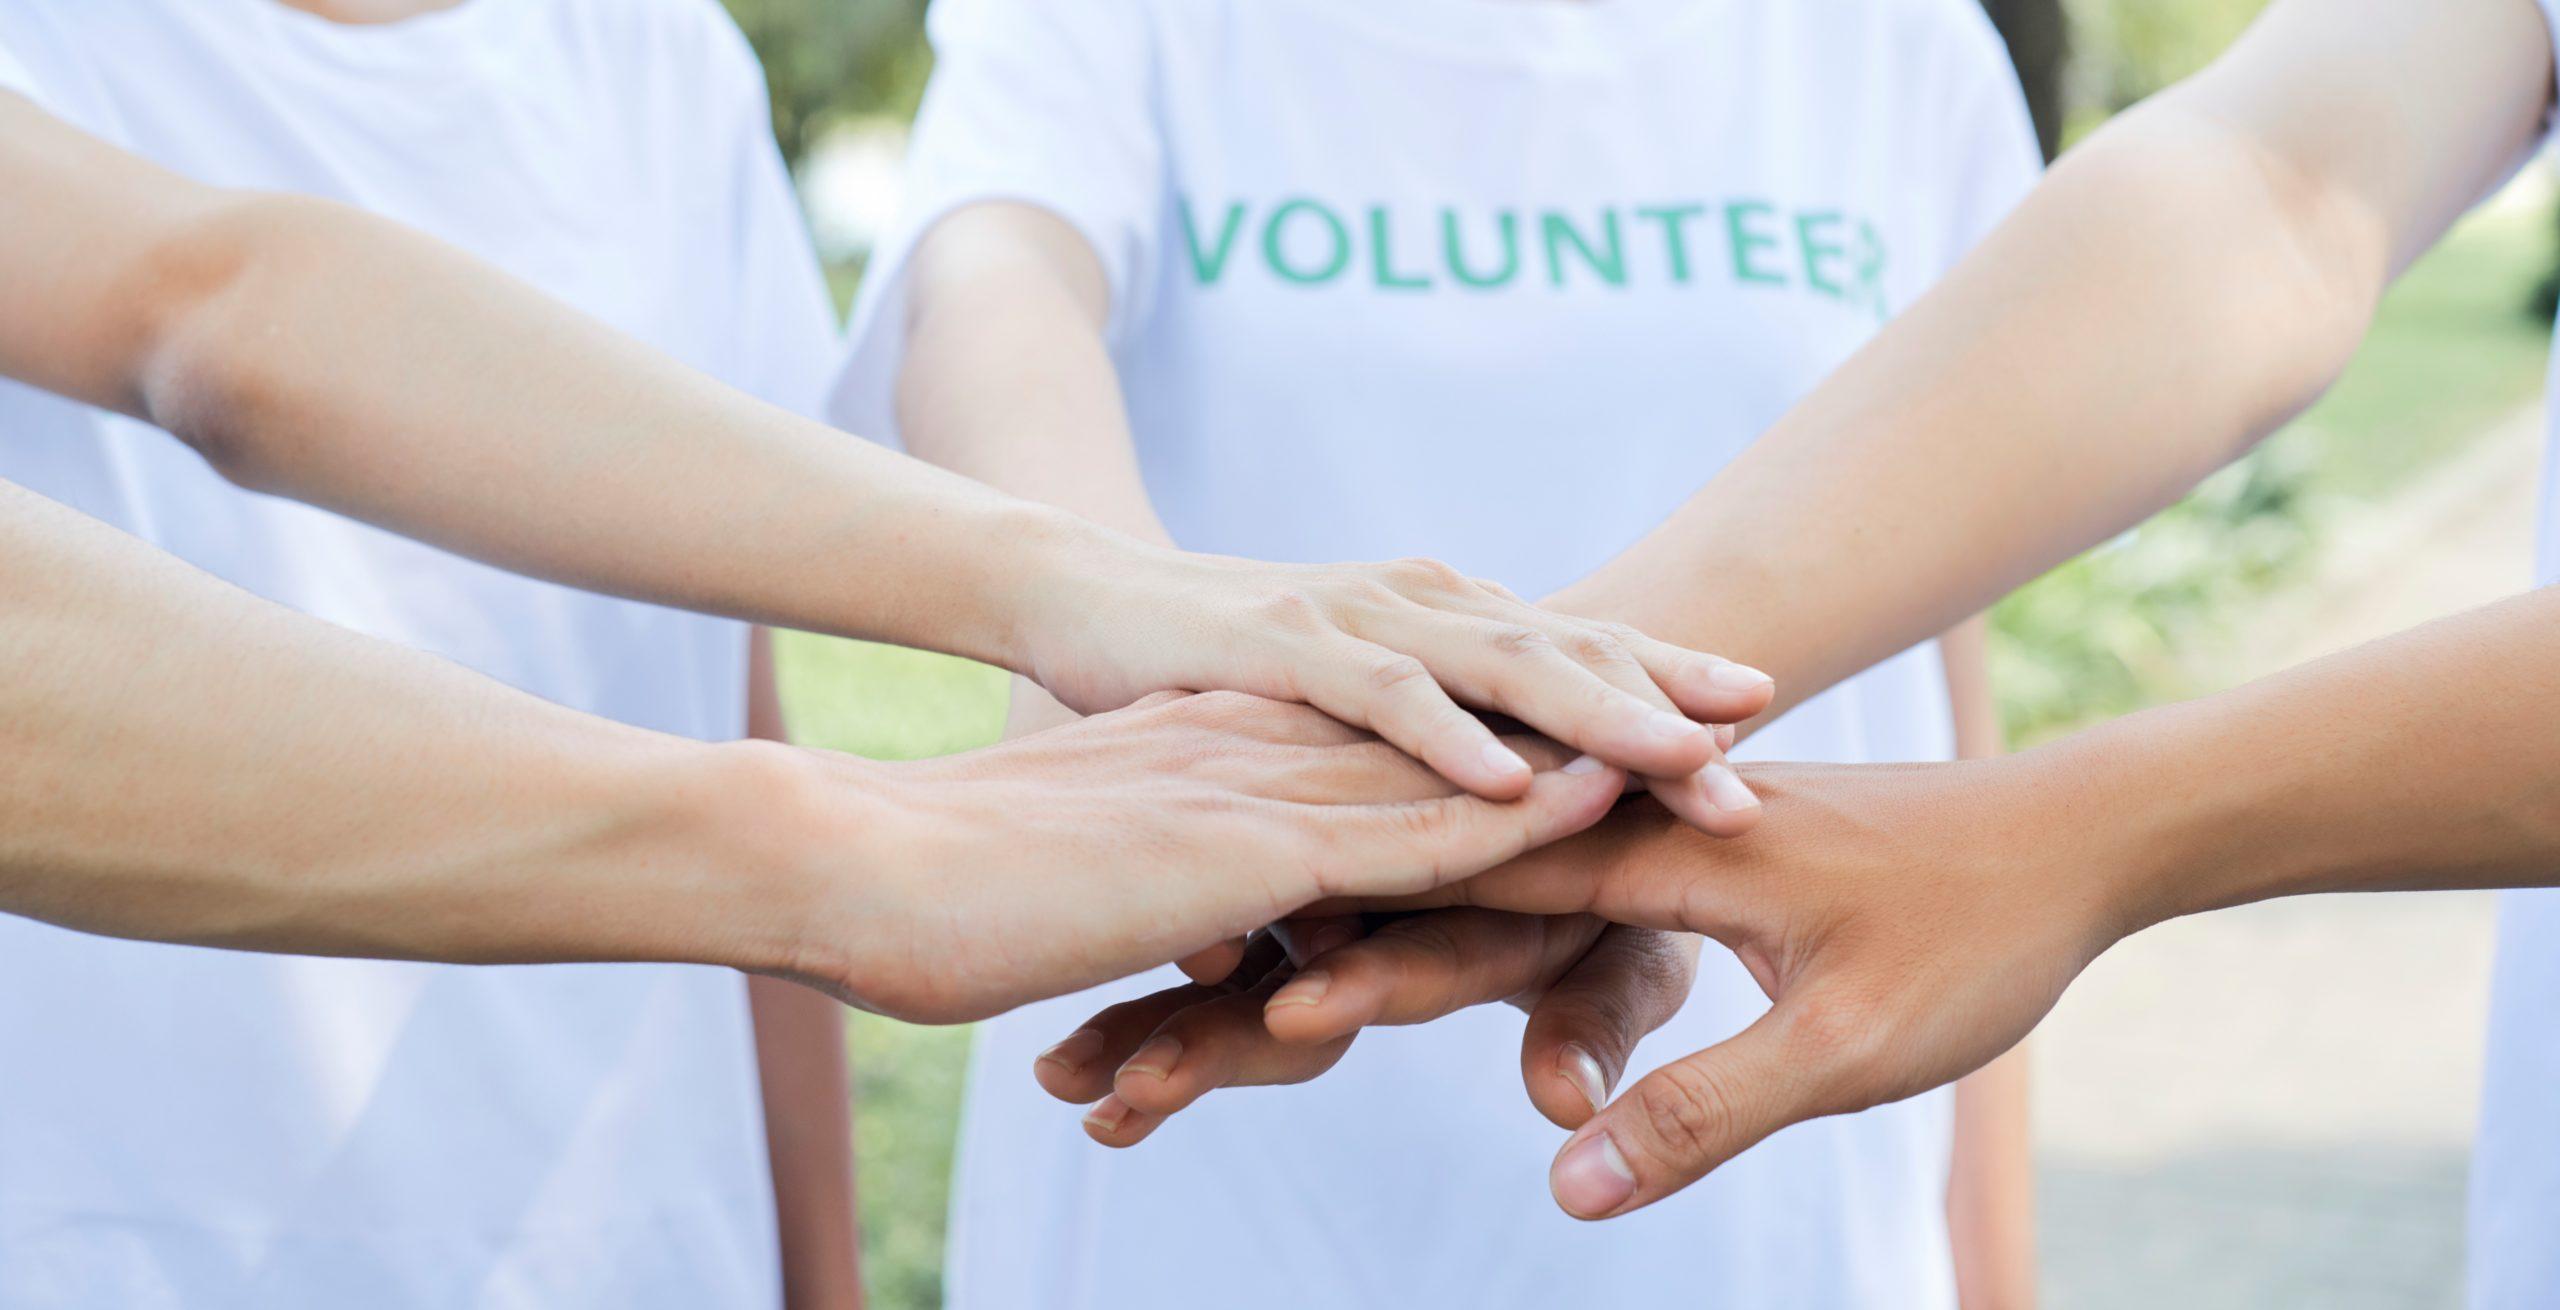 Søg tilskud til frivilligt arbejde